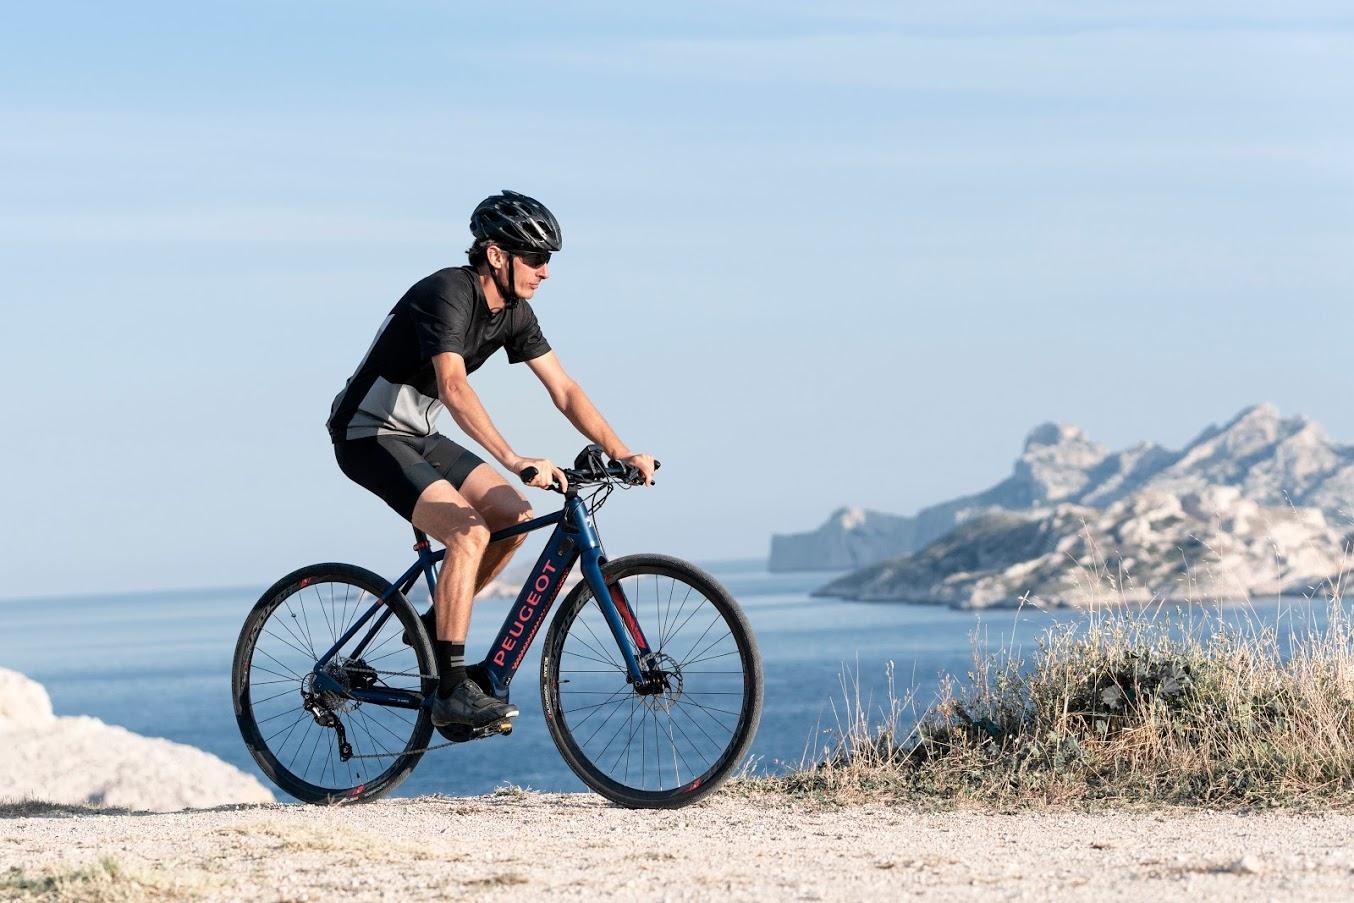 Новите високотехнологични трекинг и шосейни електрически велосипеди на Peugeot са